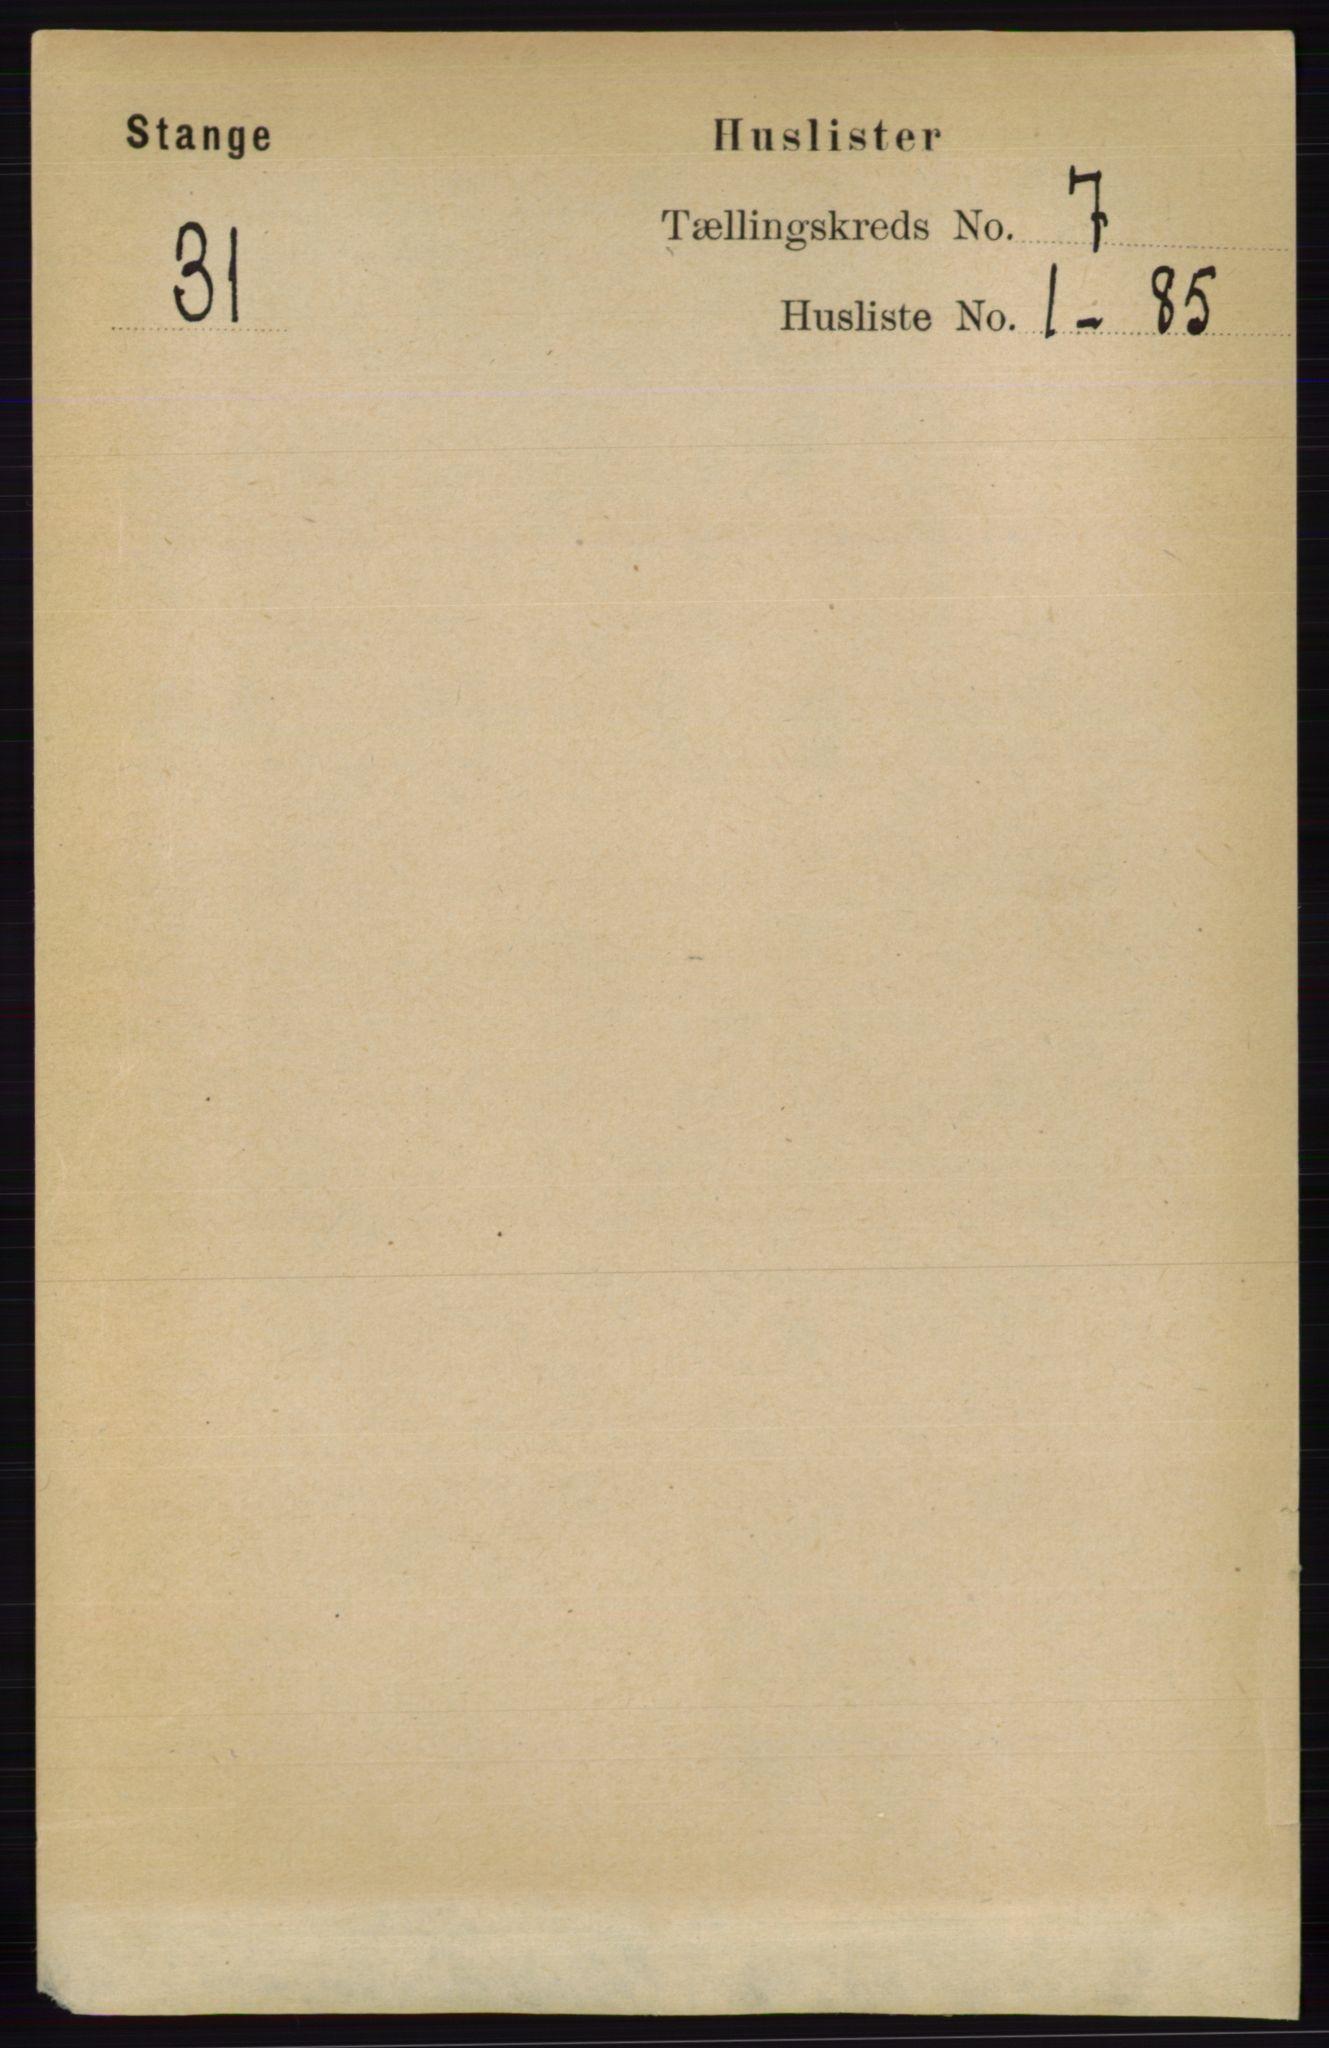 RA, Folketelling 1891 for 0417 Stange herred, 1891, s. 4676